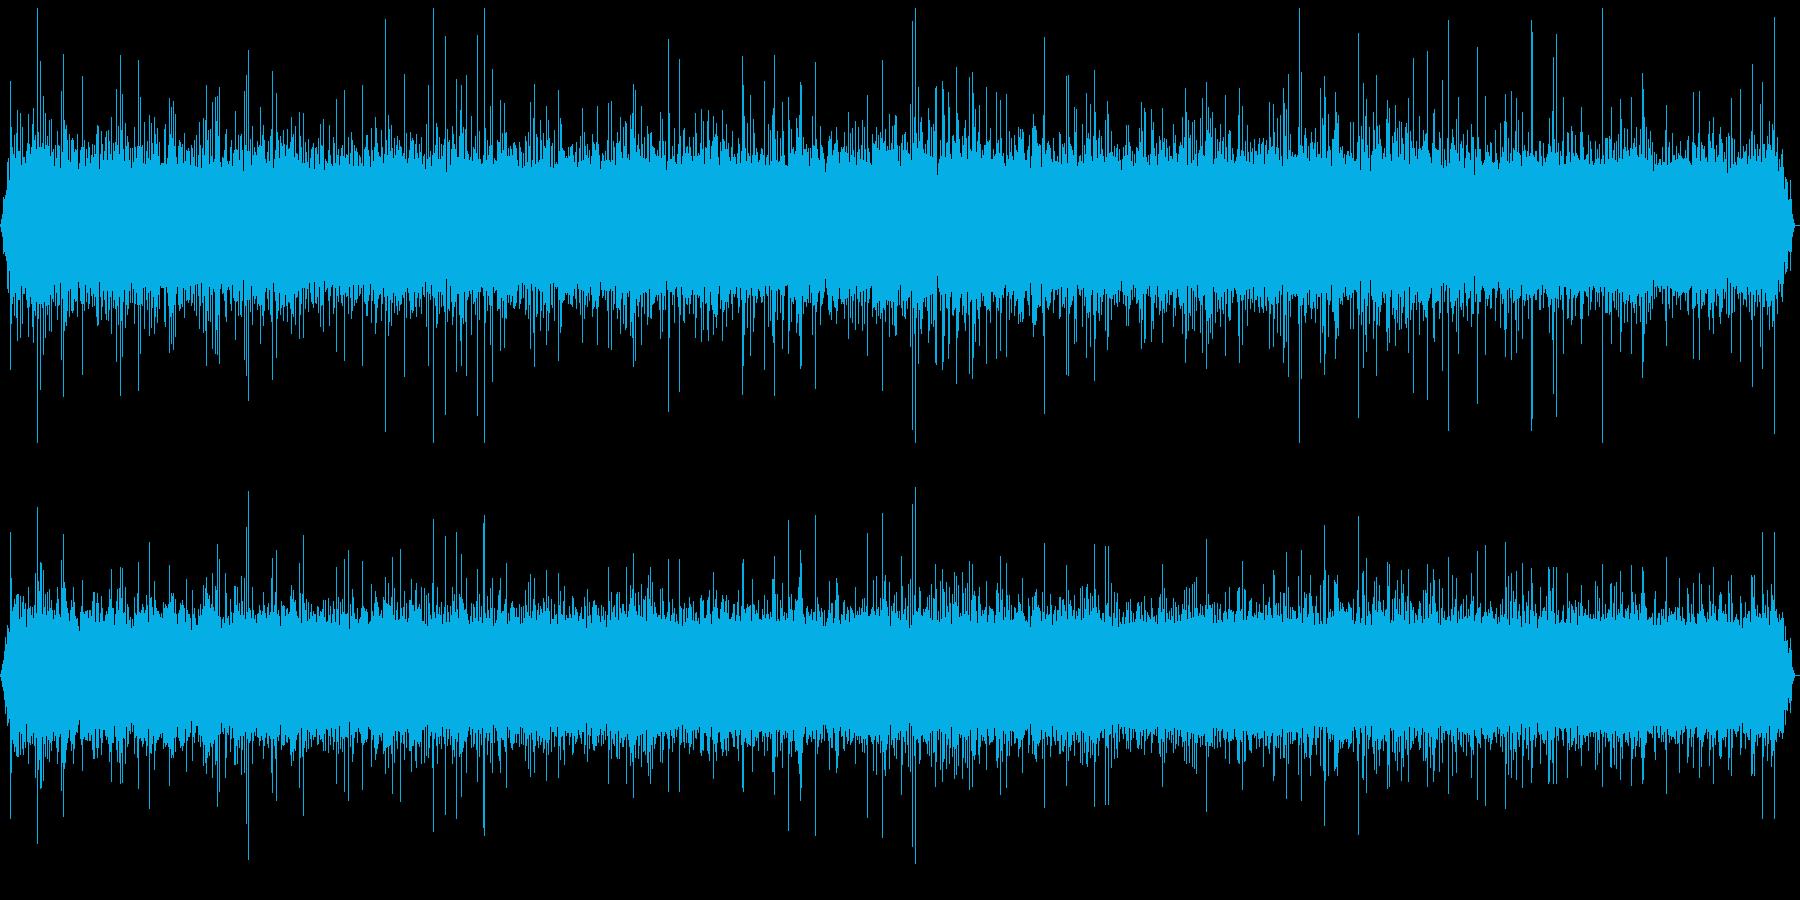 北海道の山奥にある、名も無き小さな滝の音の再生済みの波形